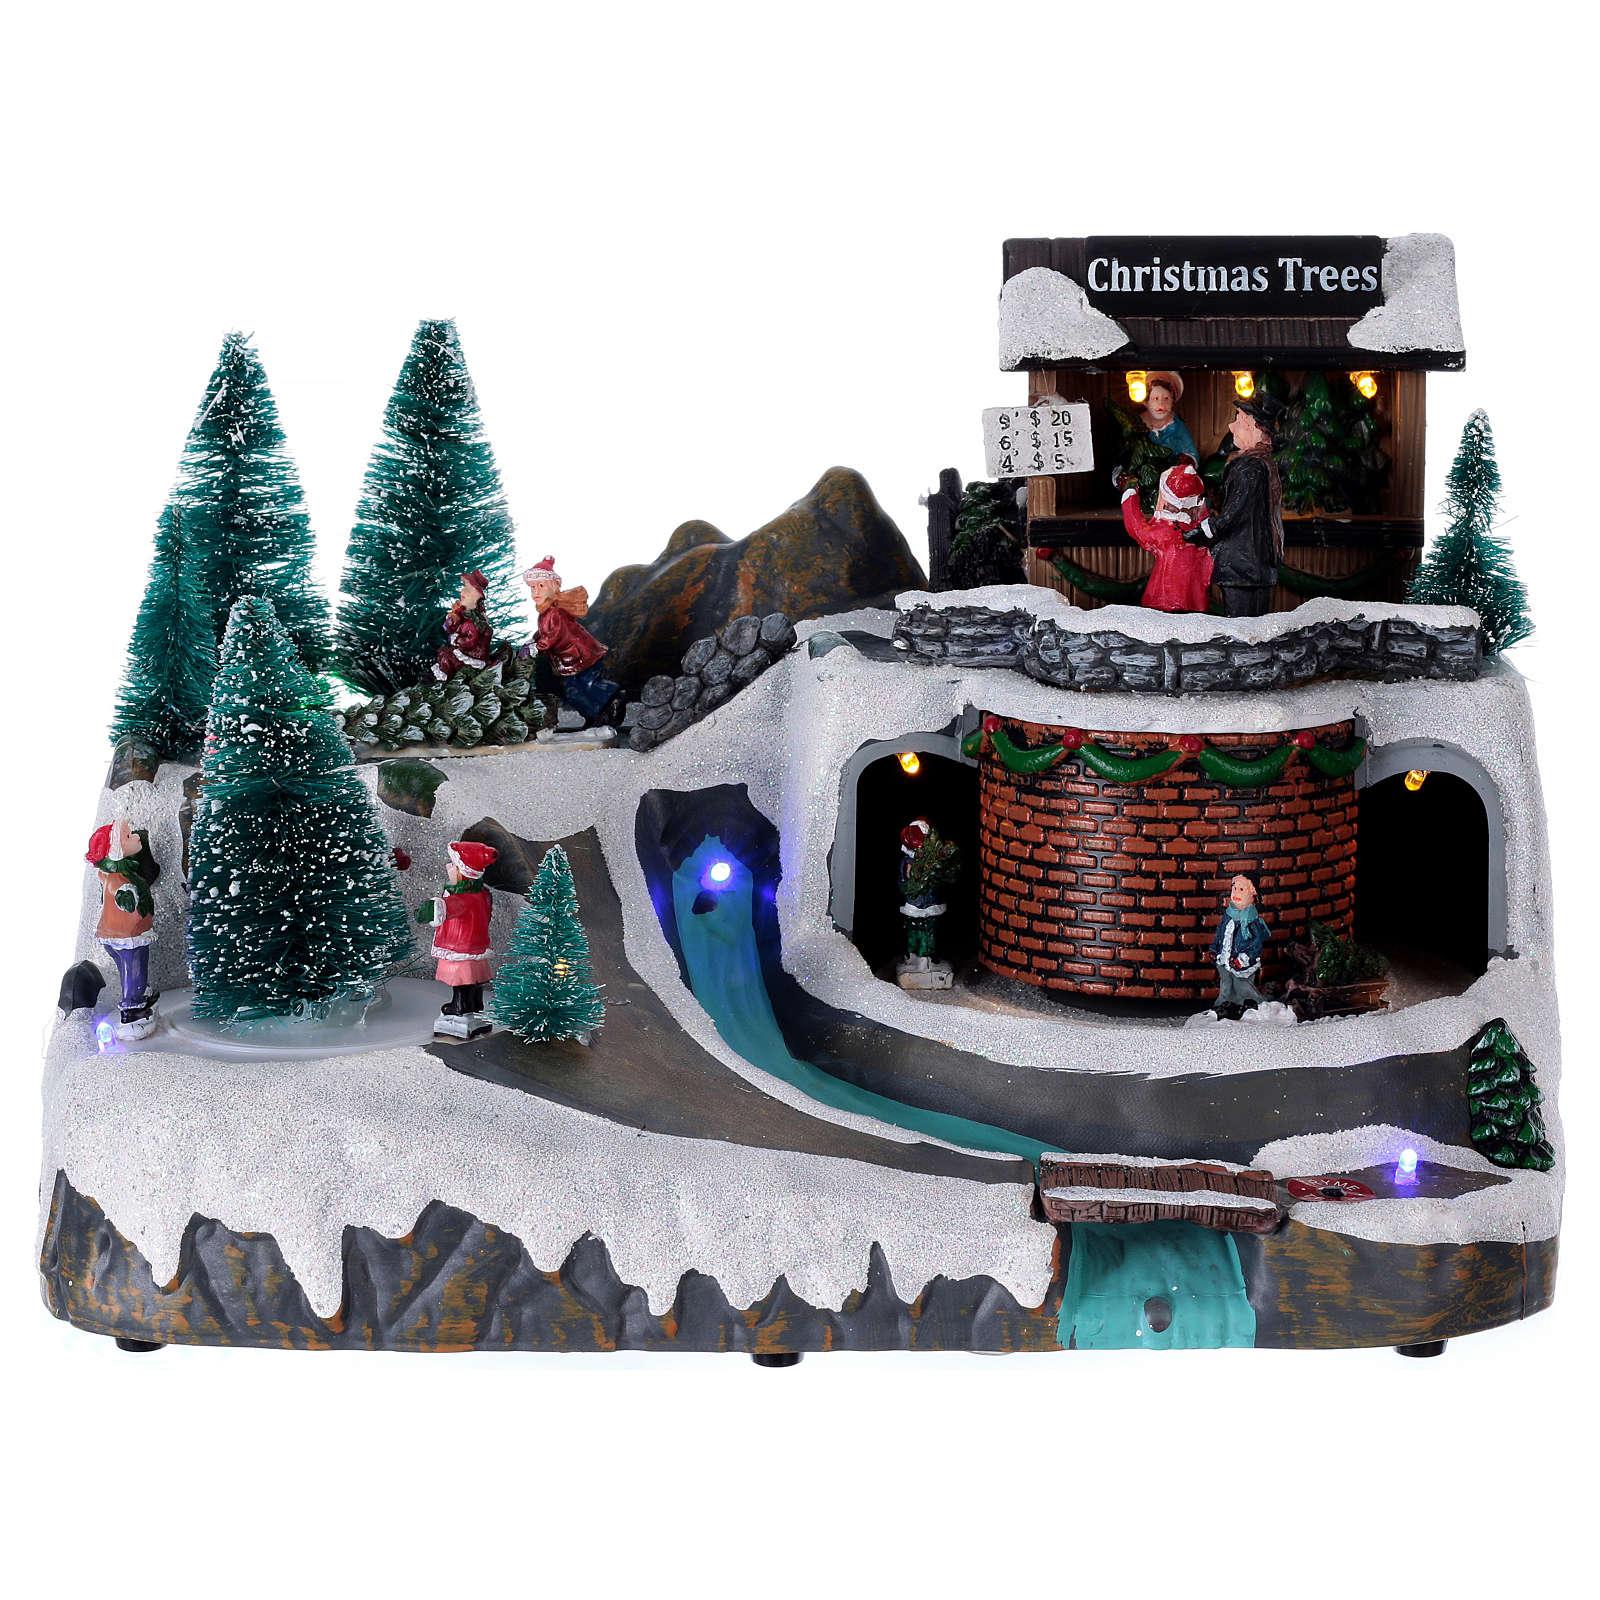 Boże Narodzenie scenka podświetlana z muzyką i poruszającymi się postaciami 20x25x20 cm 3